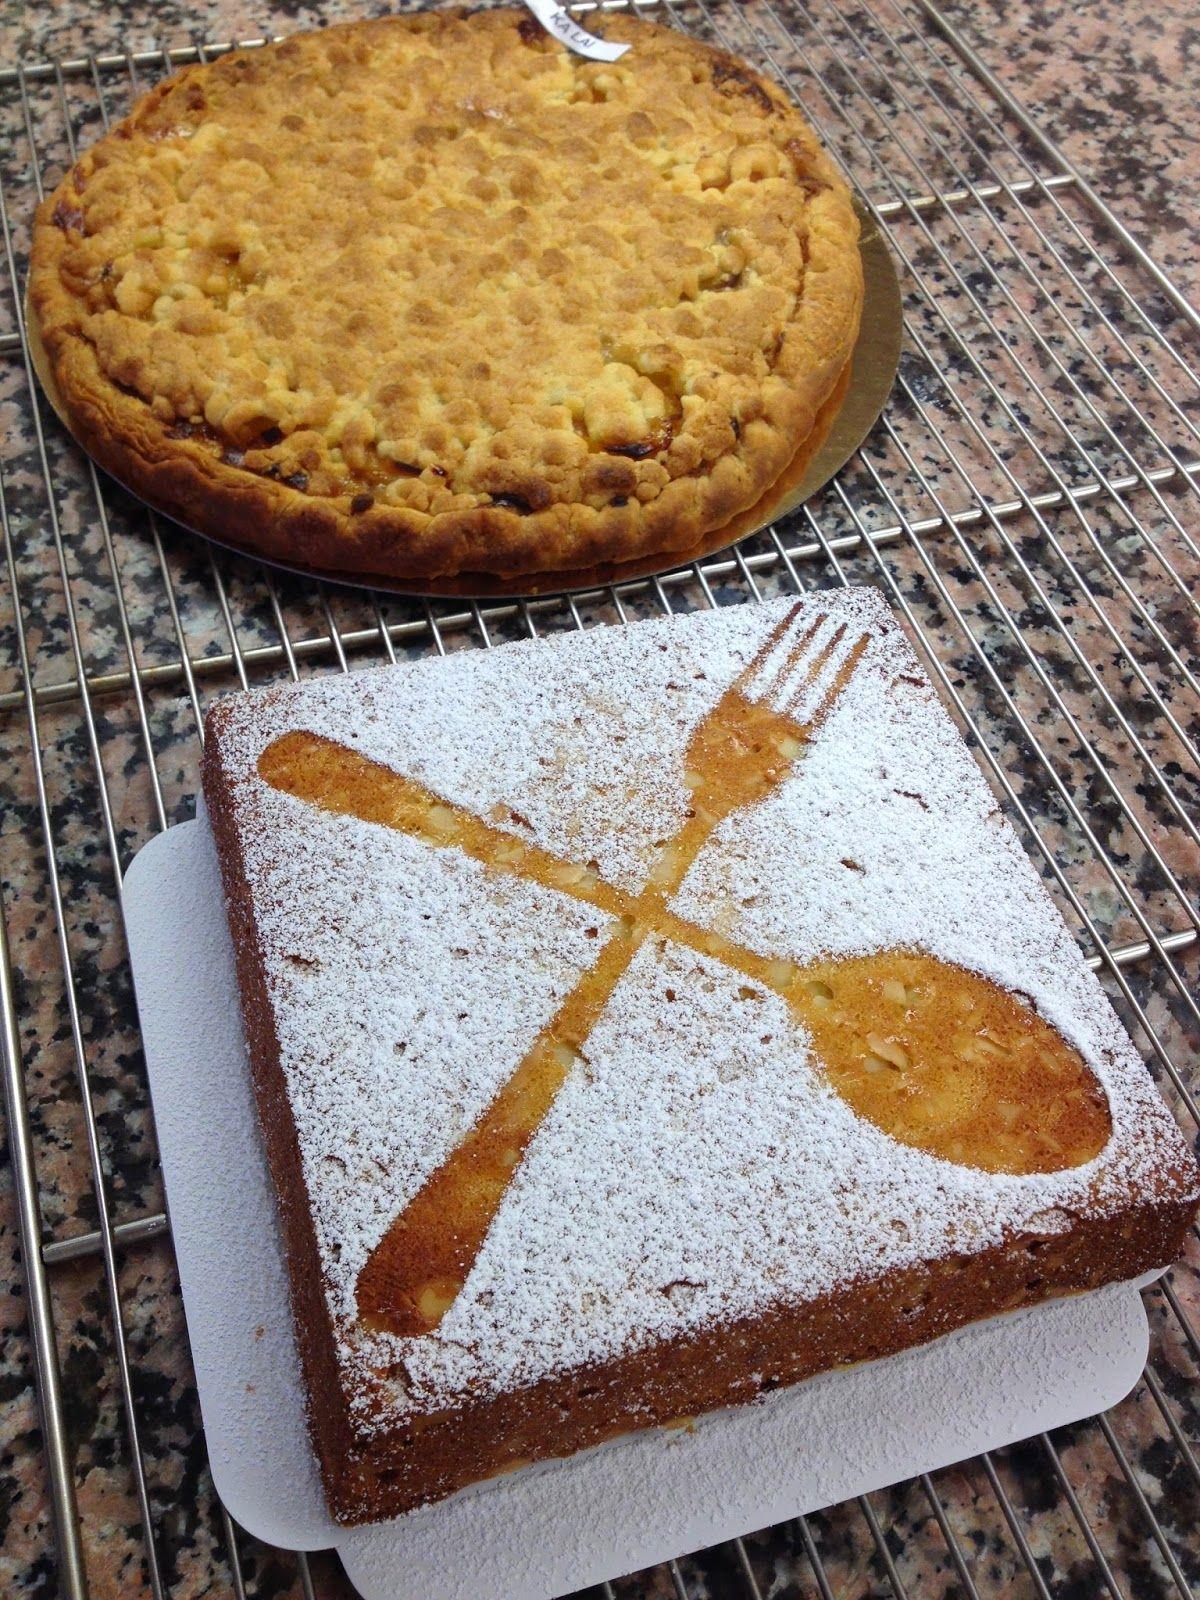 Sugarlicious le cordon bleu Intermediate Pastry lesson